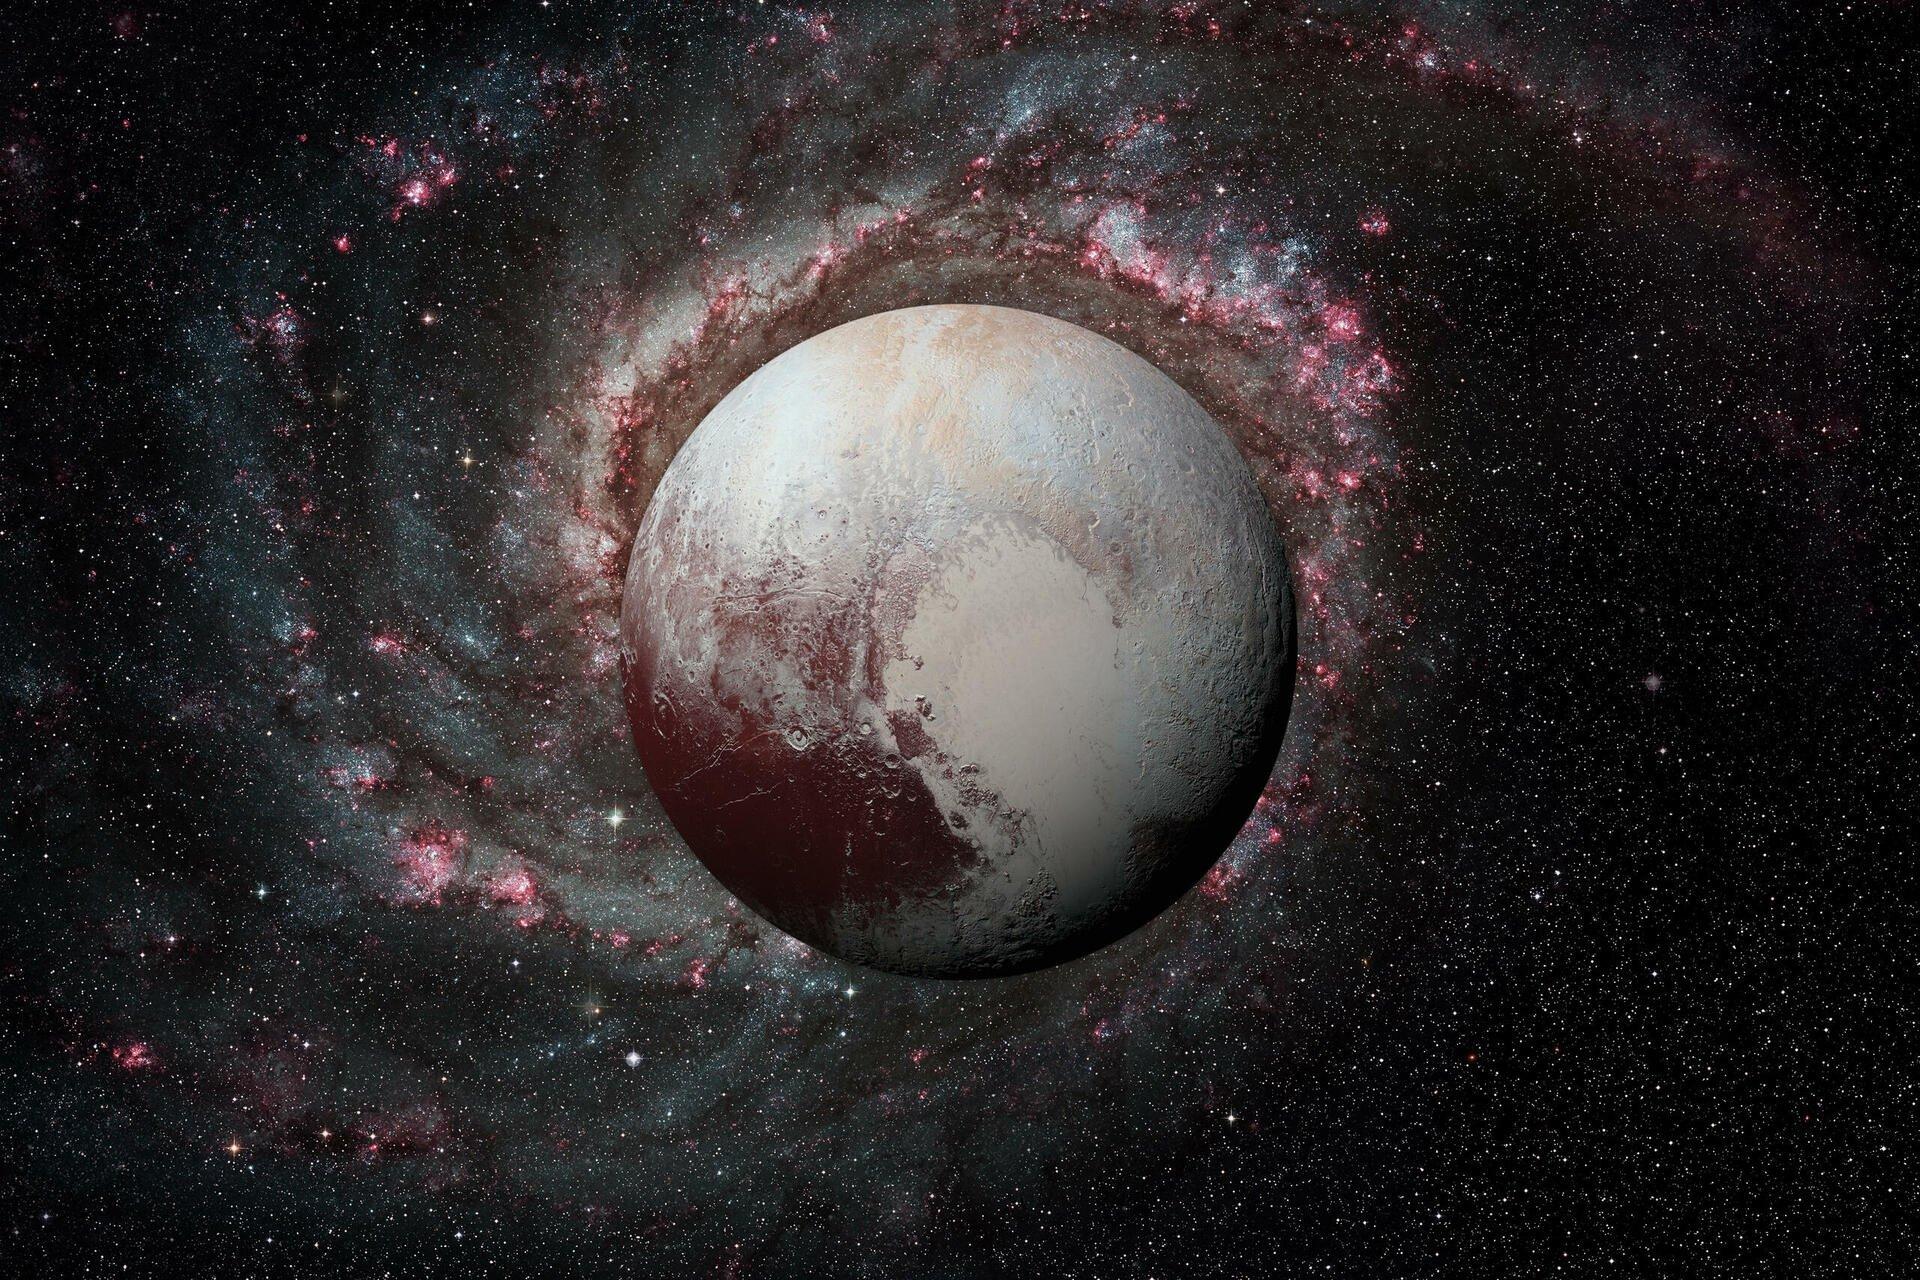 Pluto: January - December 1965 / Planets / Horoscopes / Home